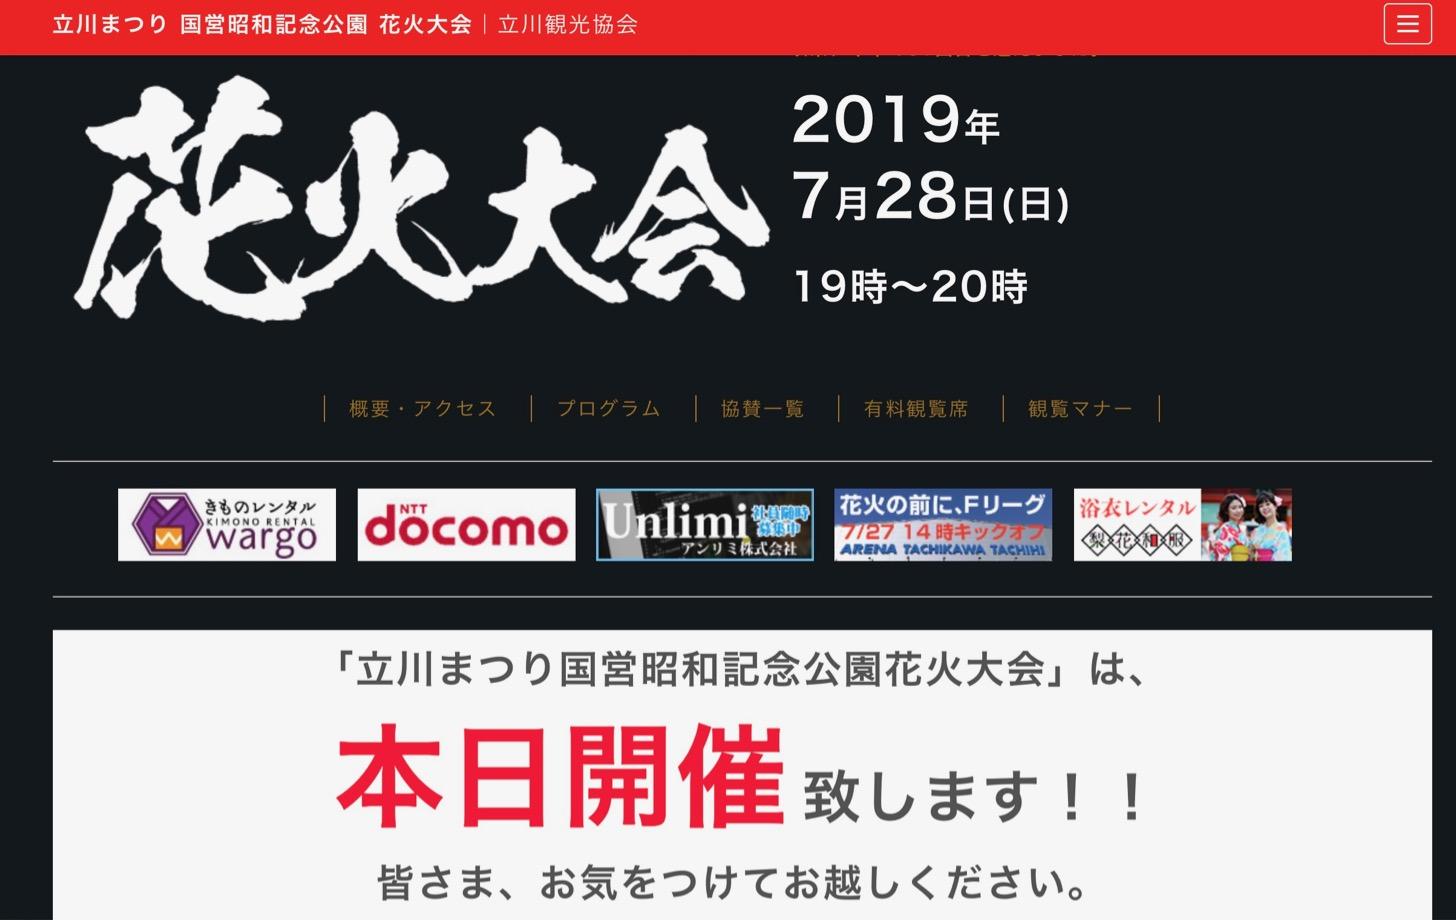 追記 7月29日(日)に順延開催されることが発表されました!